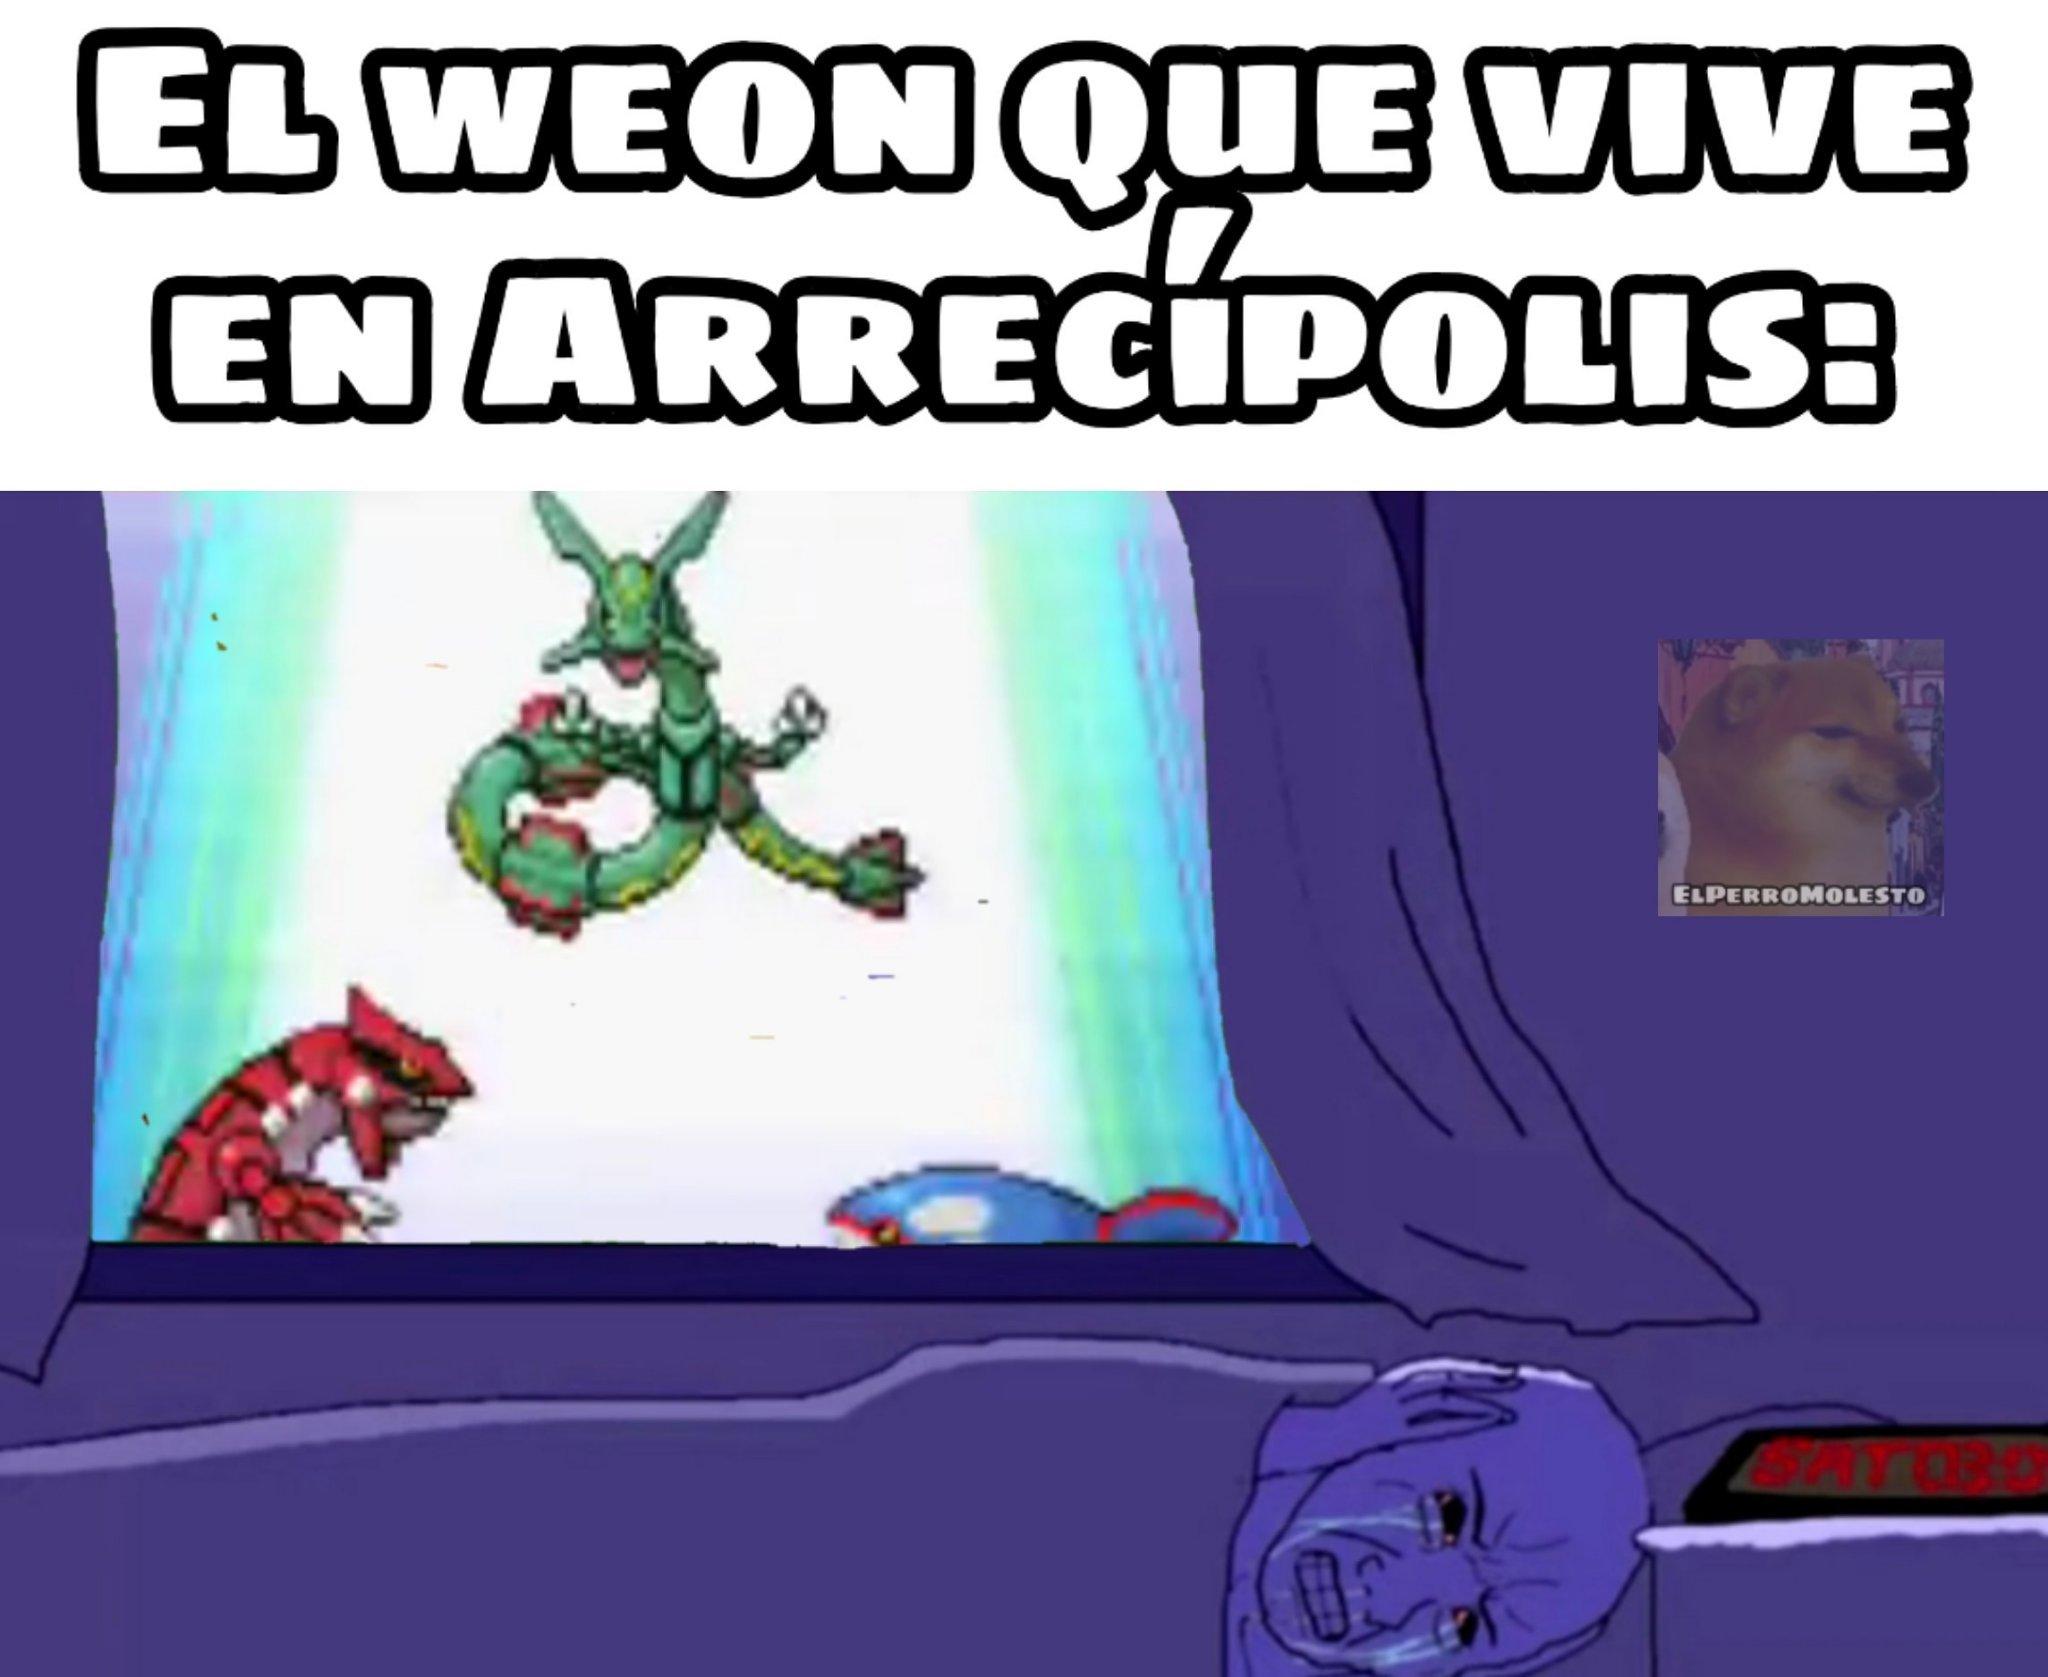 Explicacion: En pokemon Esmeralda se desata una pelea entre pokemones legendarios en la ciudad de Arrecípolis - meme